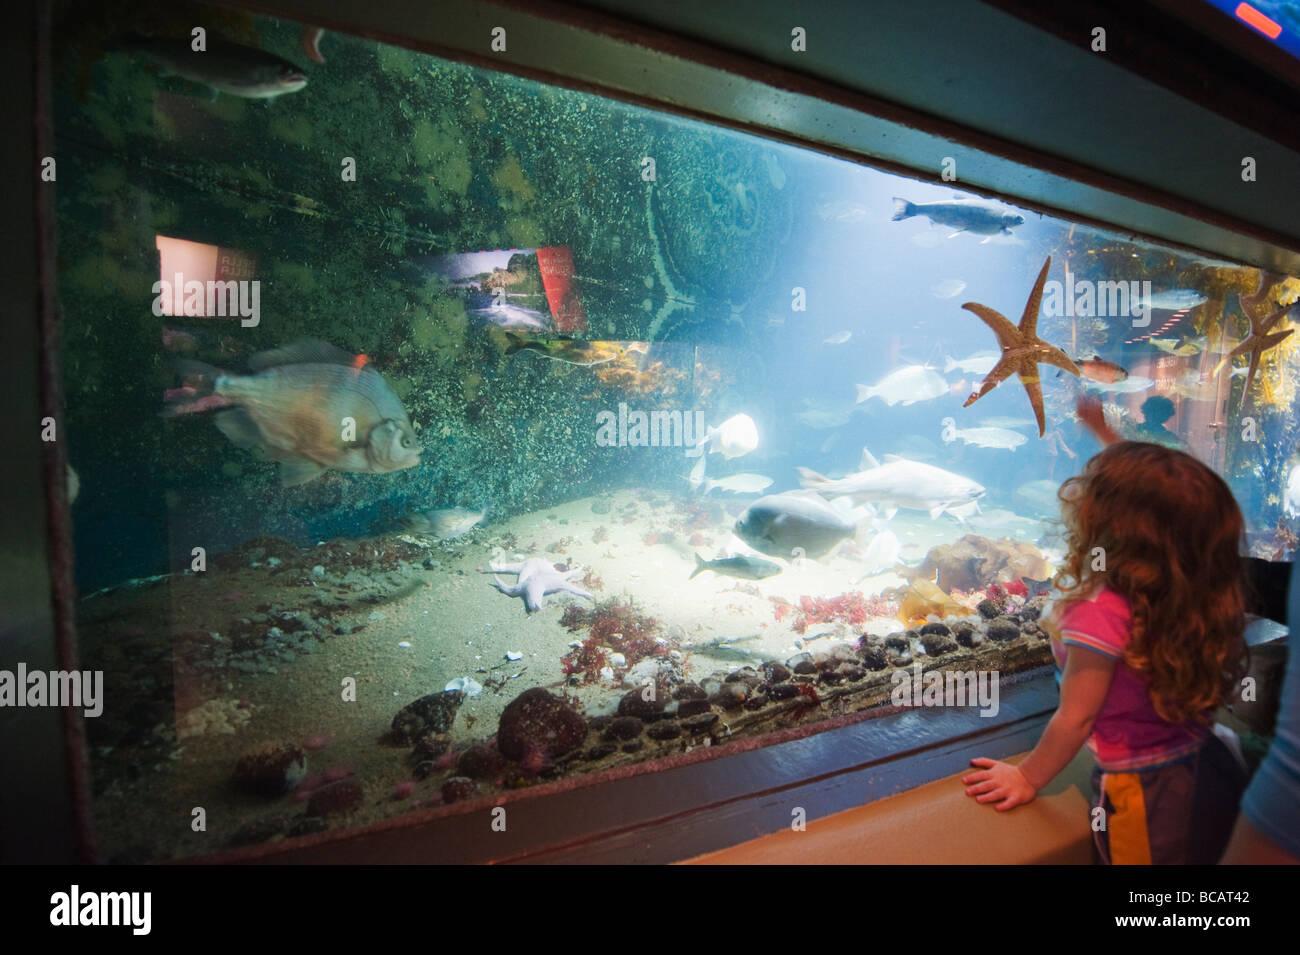 Freshwater aquarium fish vancouver - Stock Photo Vancouver Aquarium Marine Science Centre In Stanley Park Vancouver British Columbia Canada